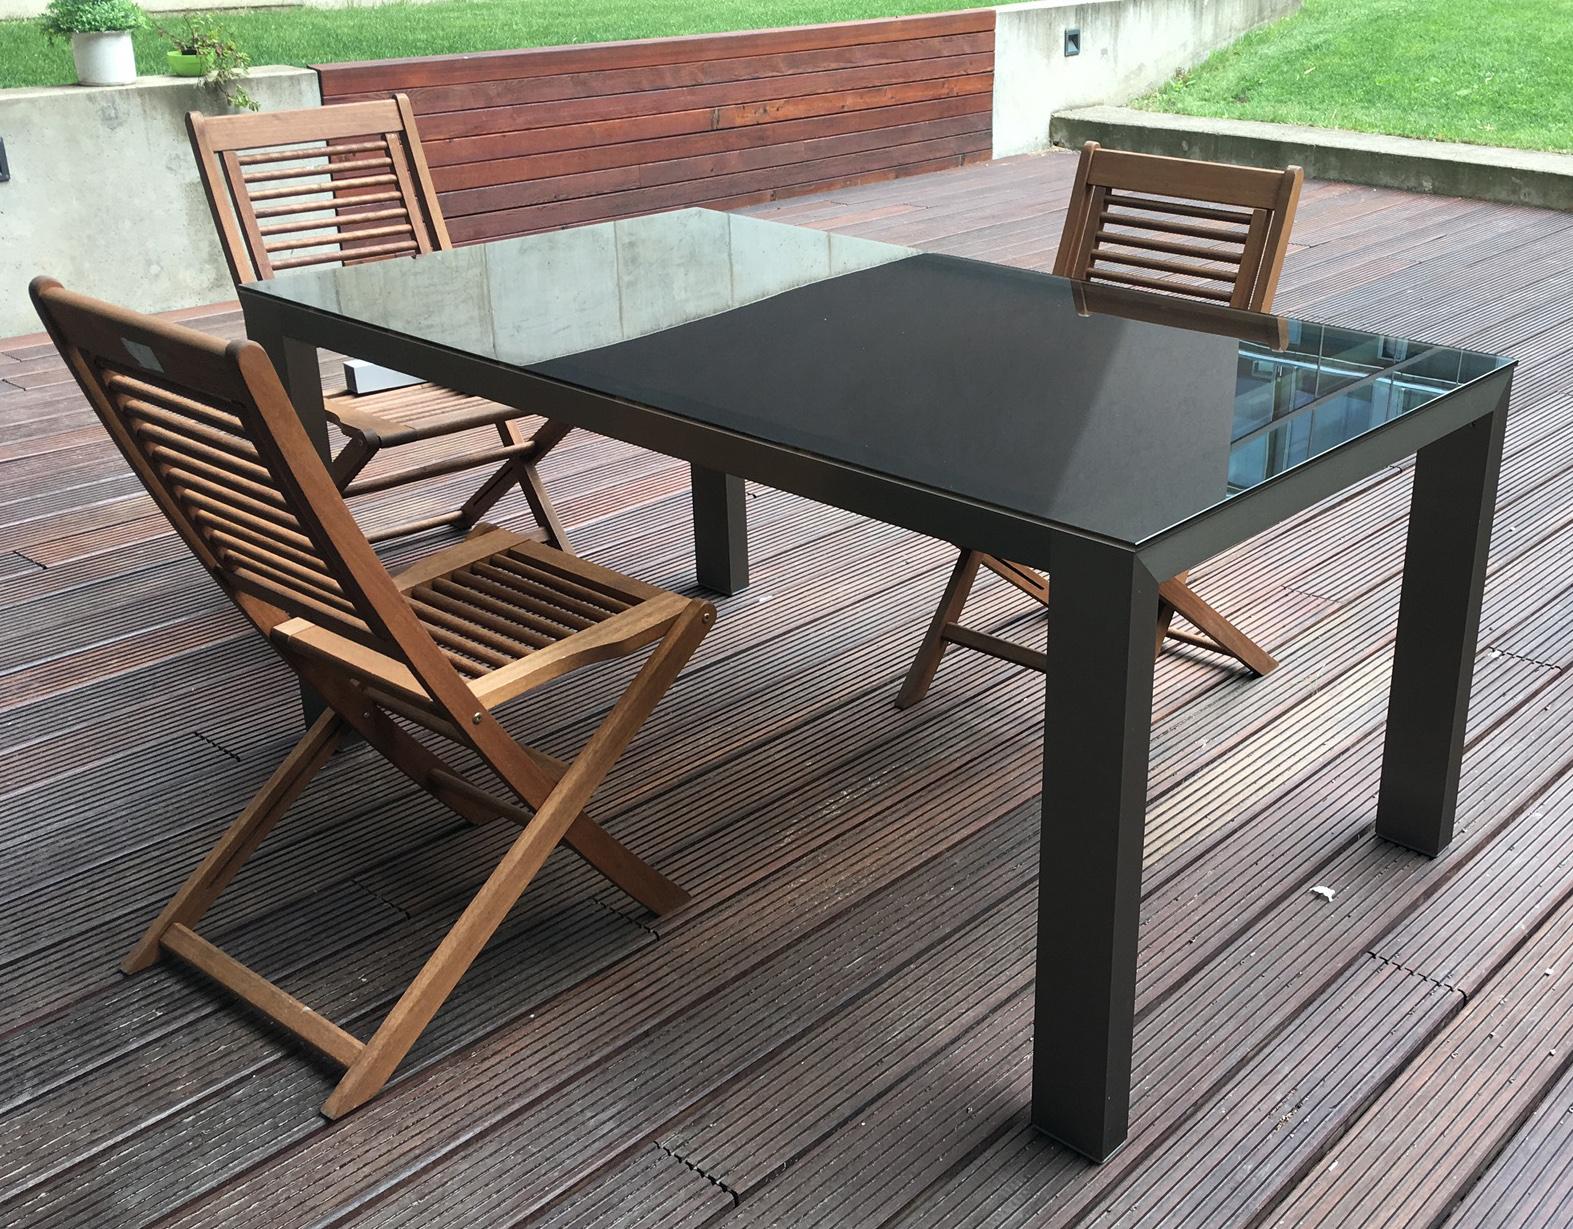 kovový stůl benetto typ B se skleněnou deskou na zahradu